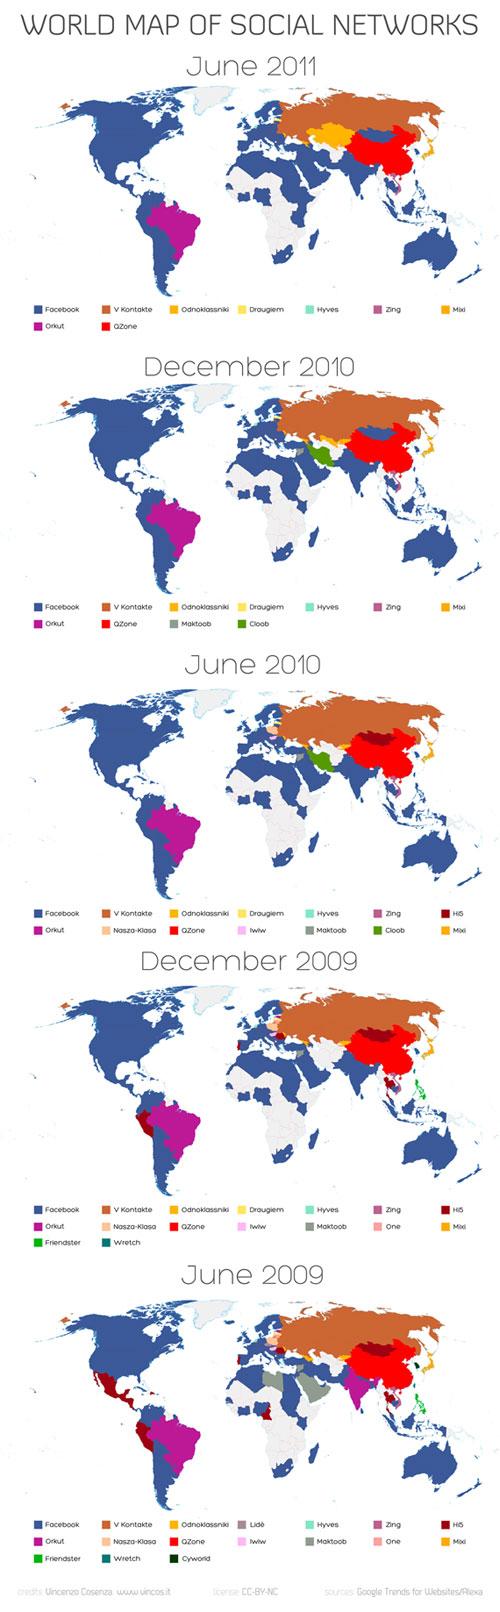 Réseaux sociaux de 2009 à 2011